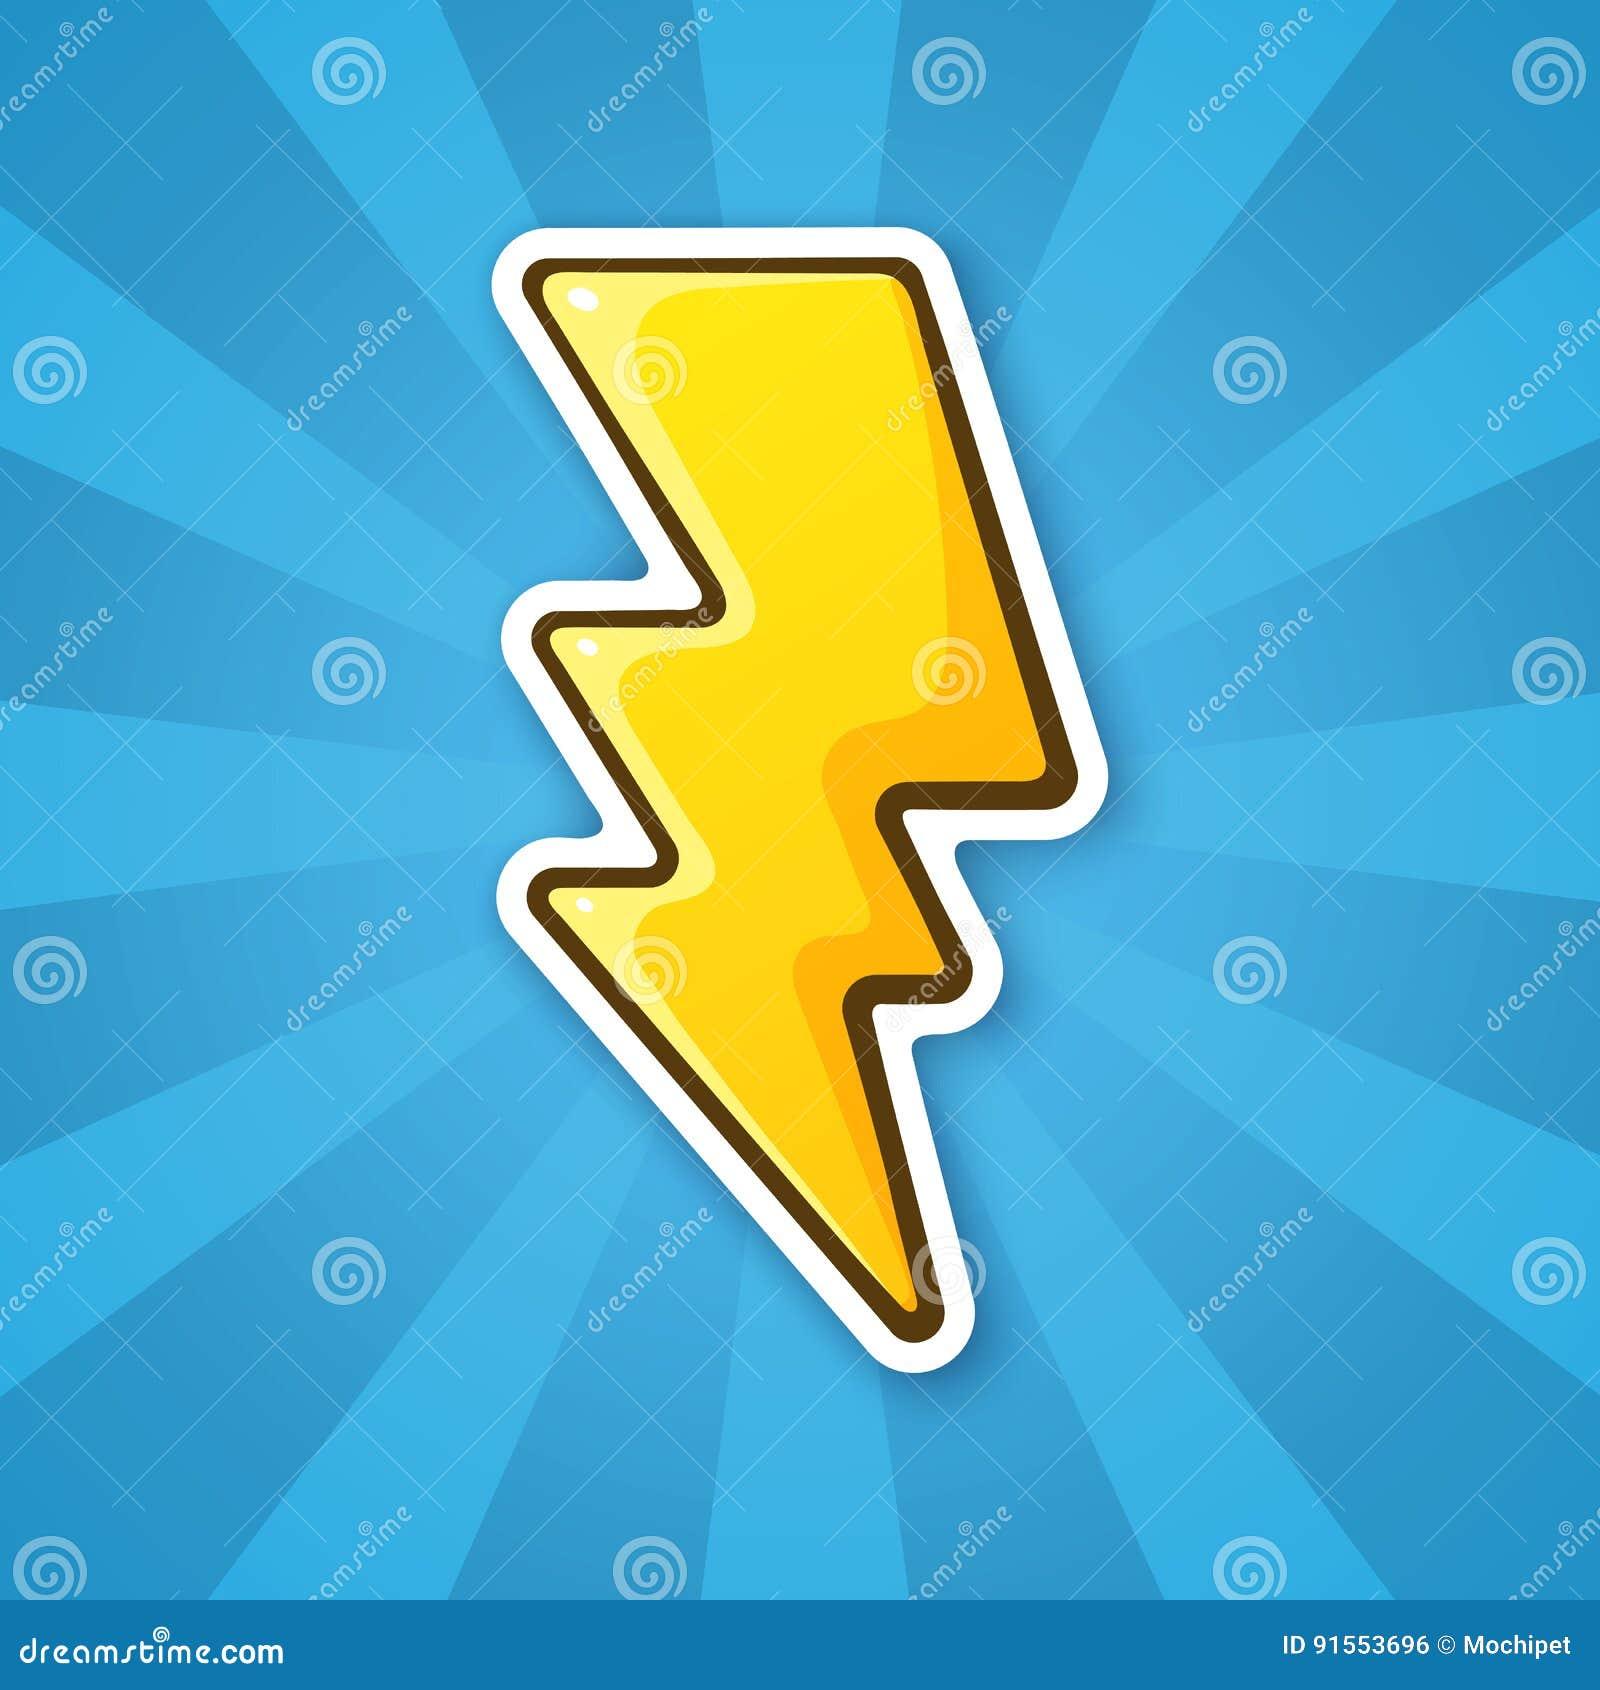 Sticker Electric Lightning Bolt Stock Vector   Illustration of ...